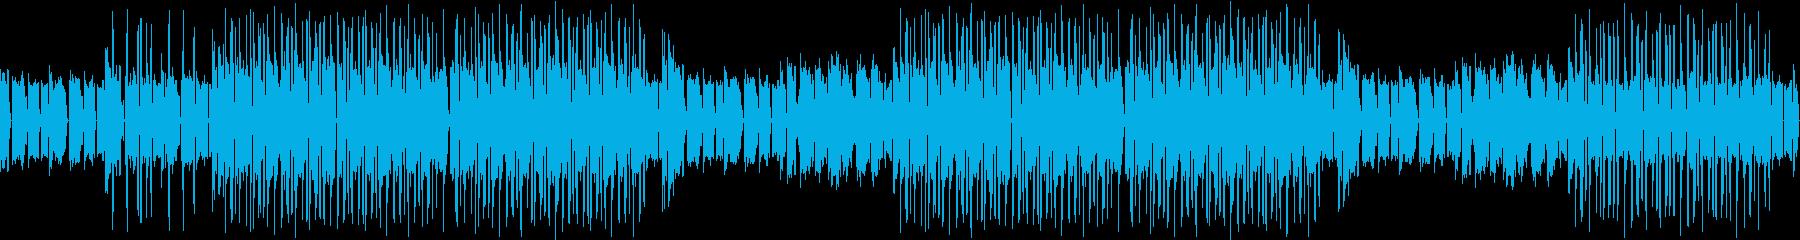 ピアノ・お洒落・散歩・デート・明るいの再生済みの波形